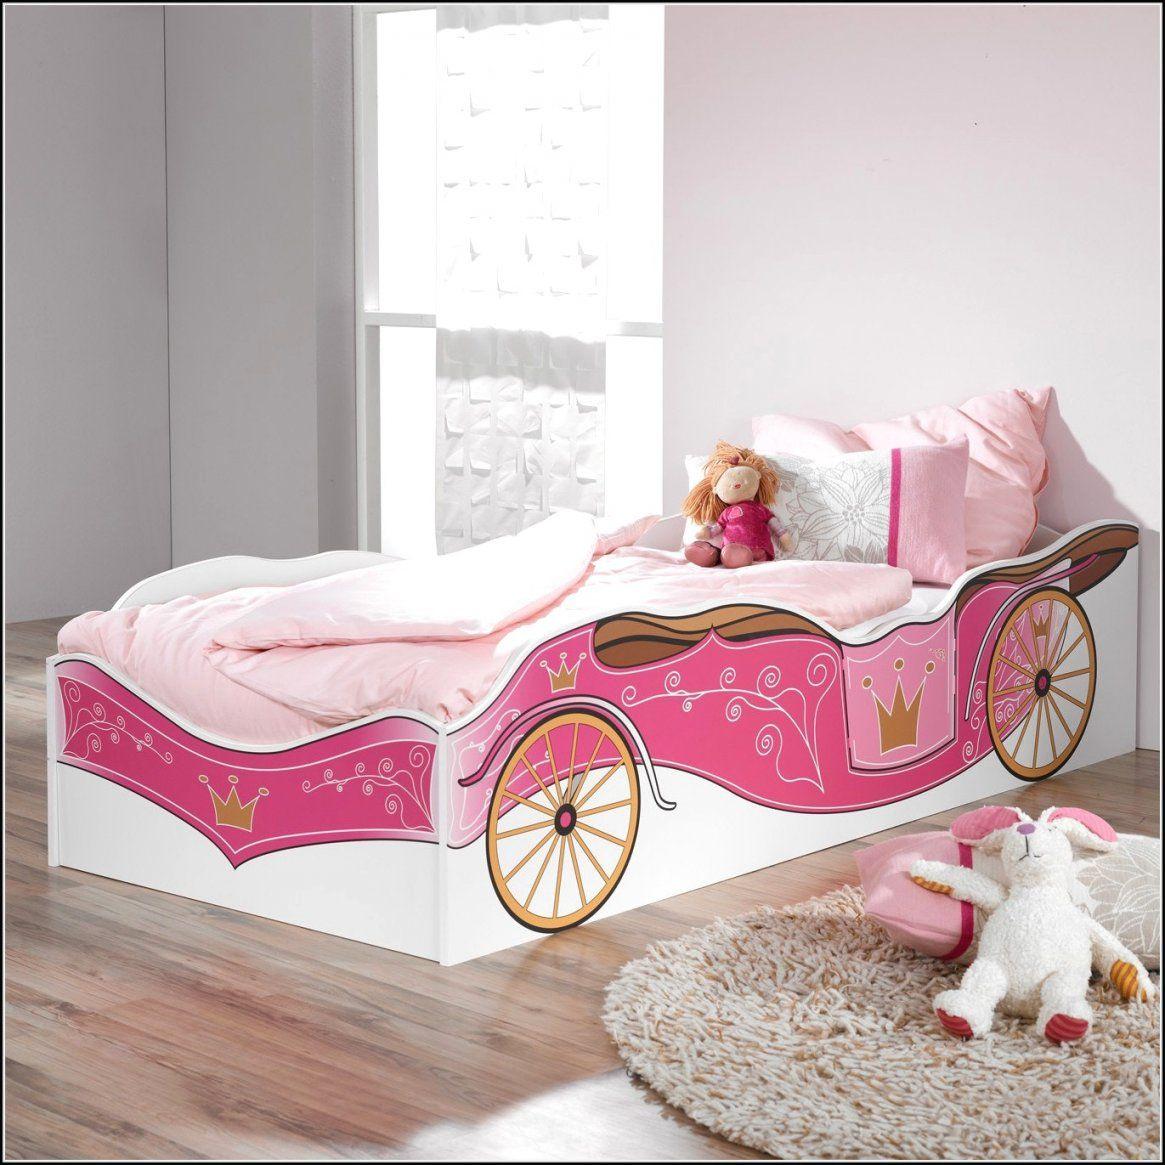 Bezaubernde Ideen Prinzessin Bett Kutsche Und Bemerkenswerte Selber von Prinzessin Bett Selber Bauen Bild